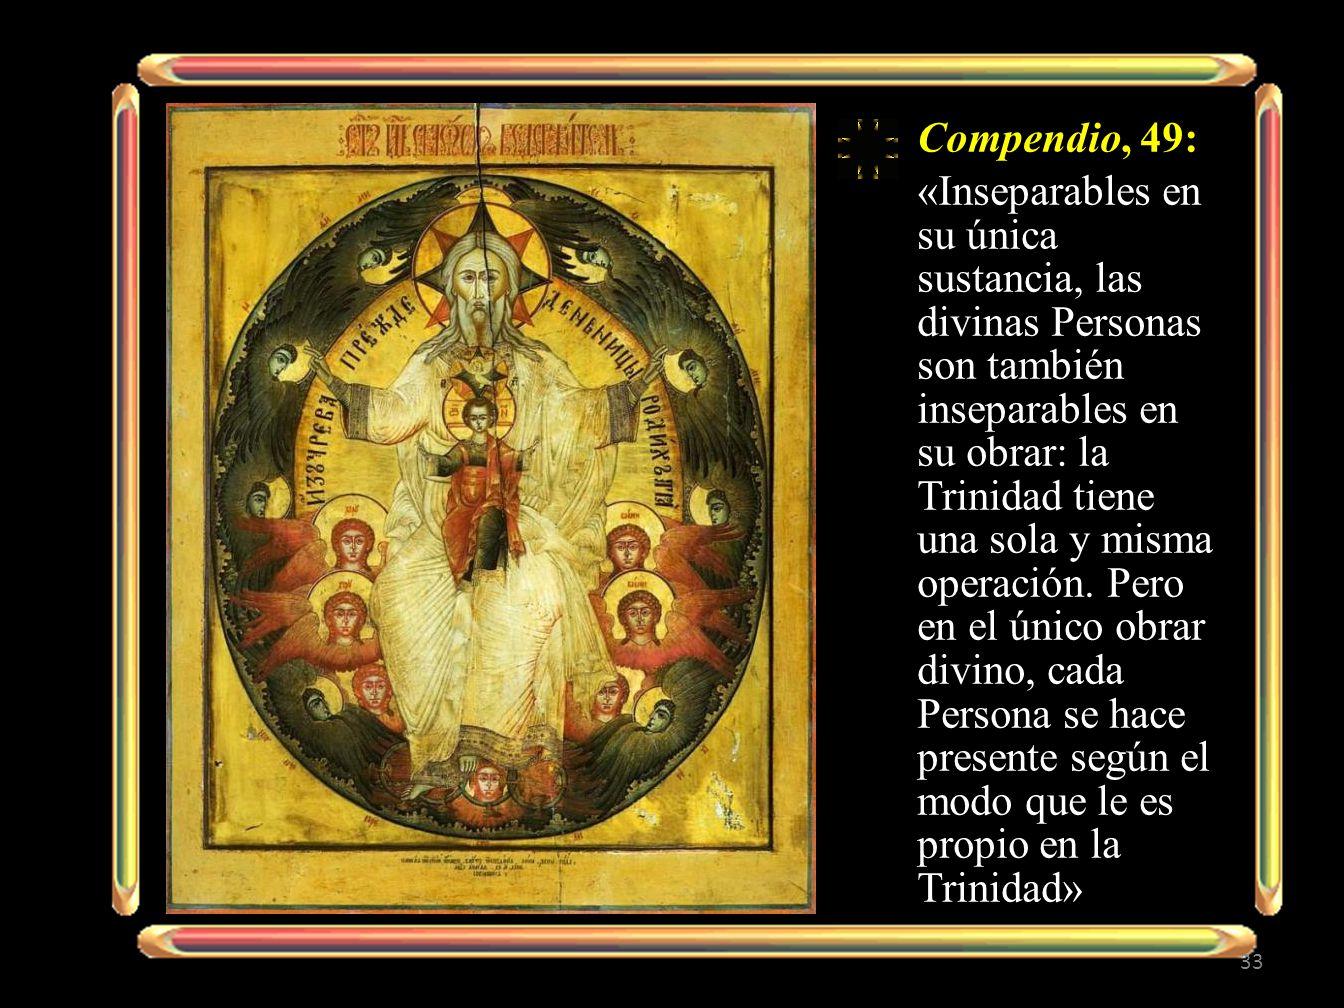 Compendio, 49: «Inseparables en su única sustancia, las divinas Personas son también inseparables en su obrar: la Trinidad tiene una sola y misma operación.